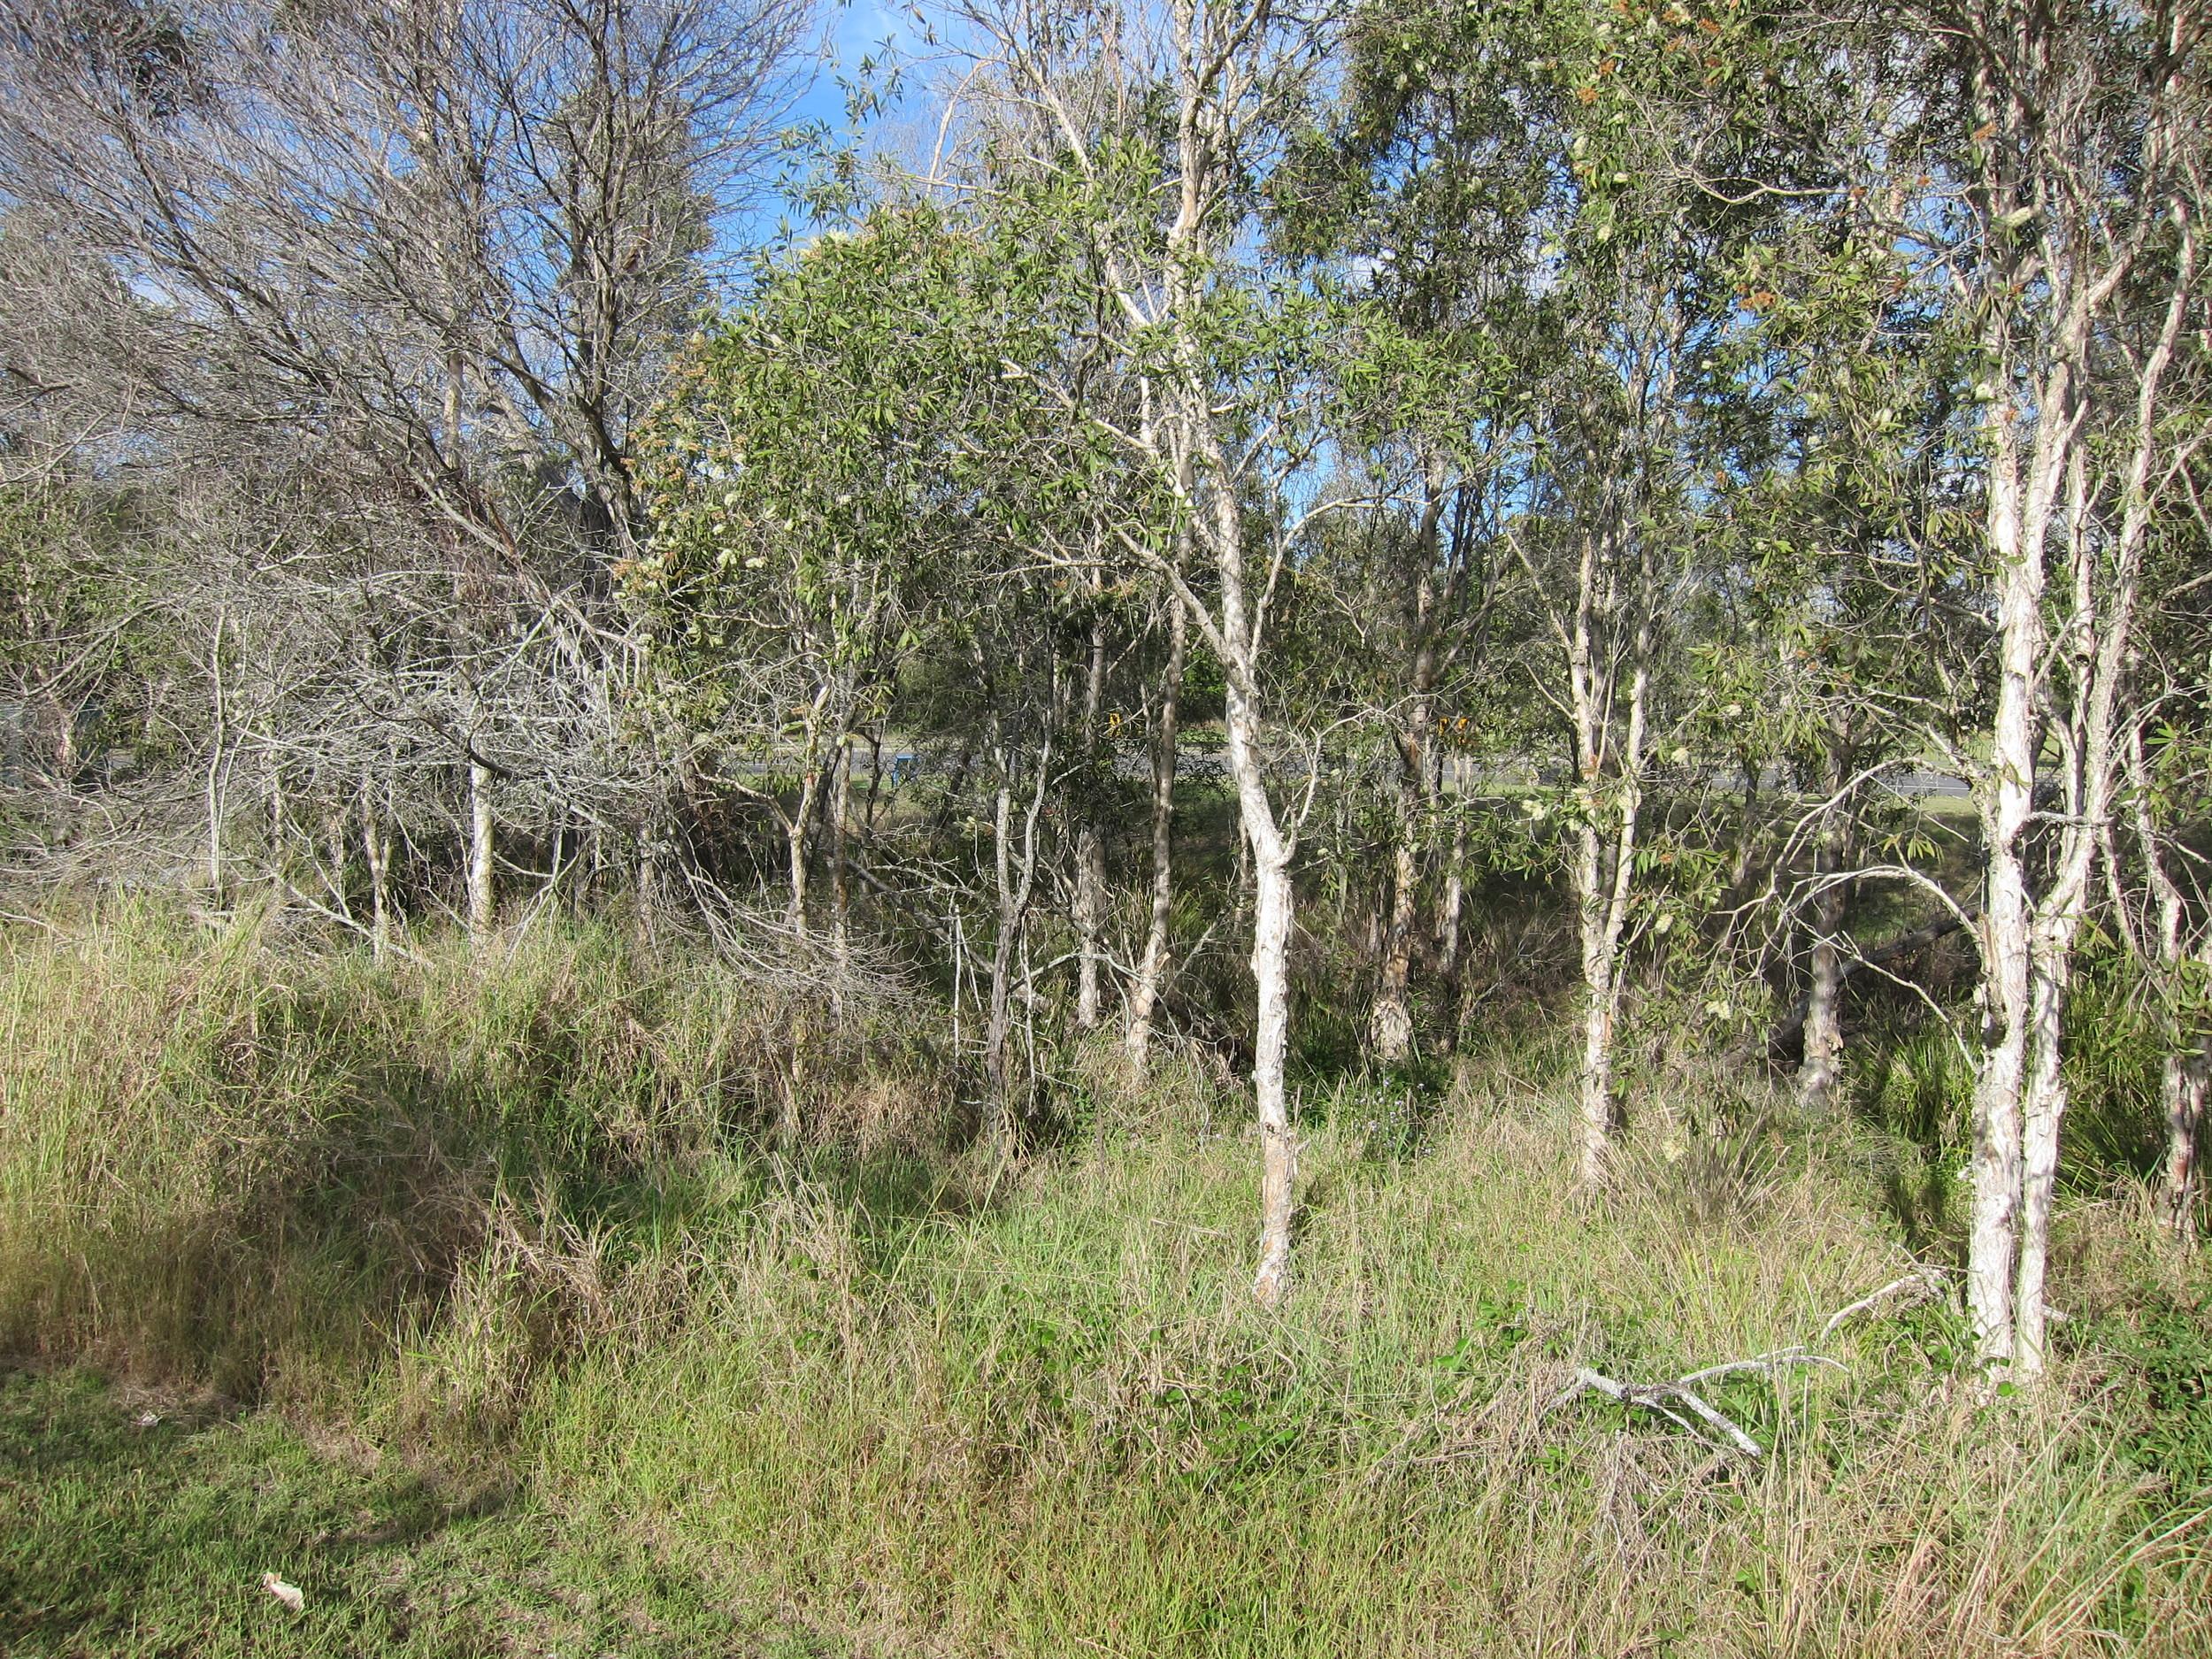 Hoyland St Bioretention System